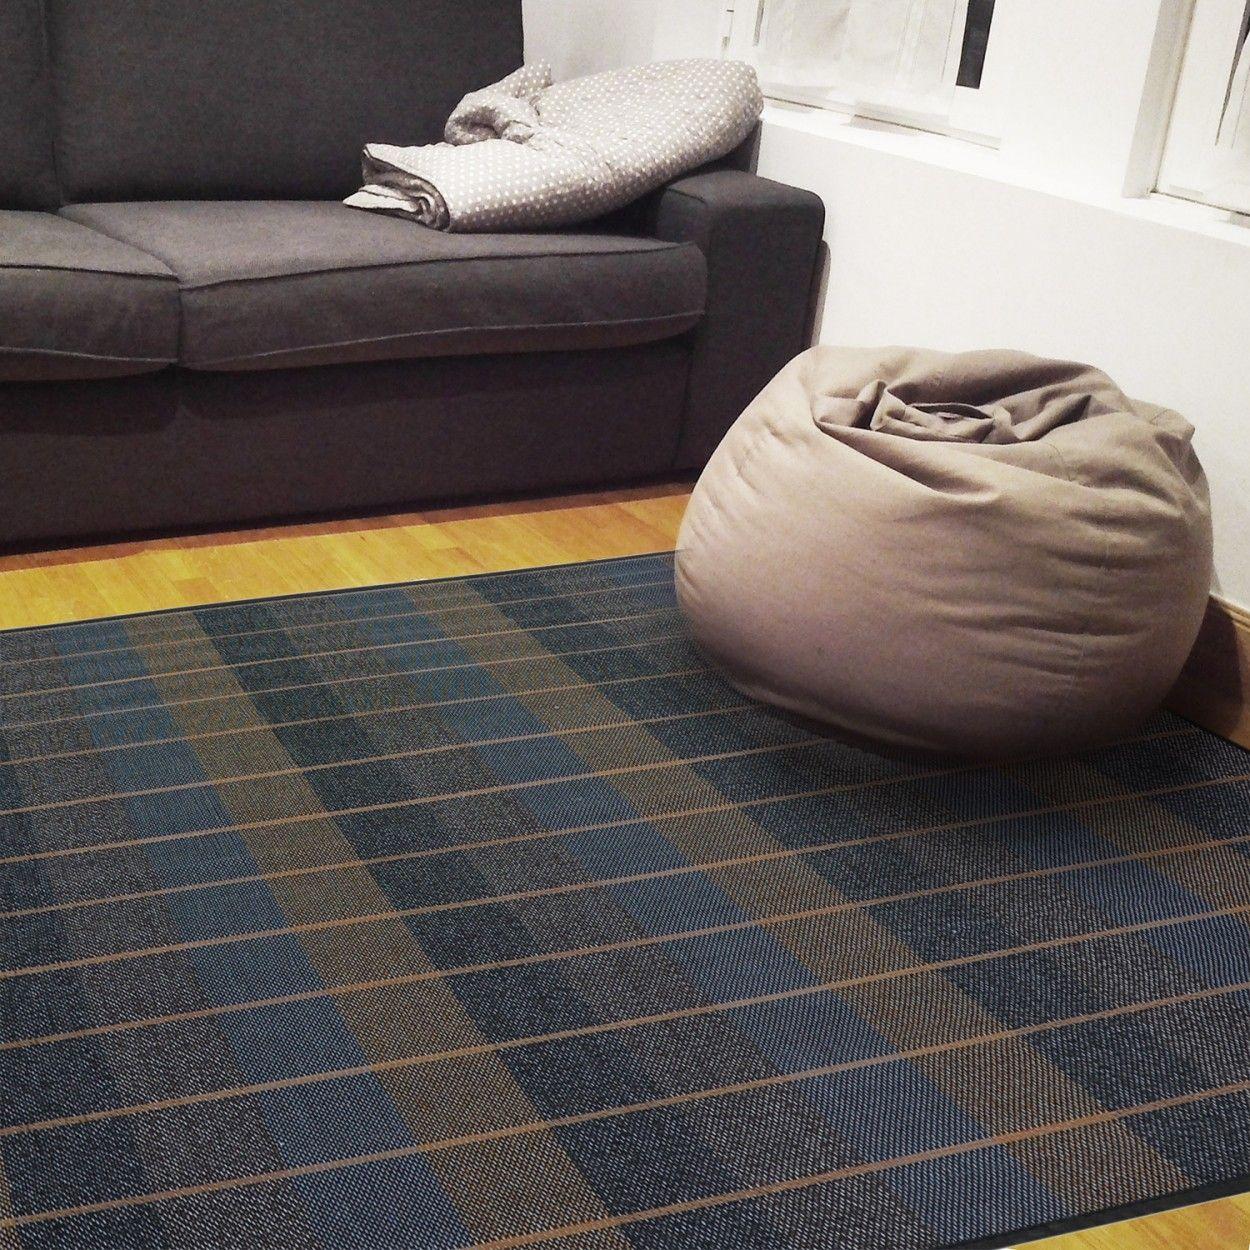 Comprar alfombras de bamb online hogar y m s Mas alfombrar